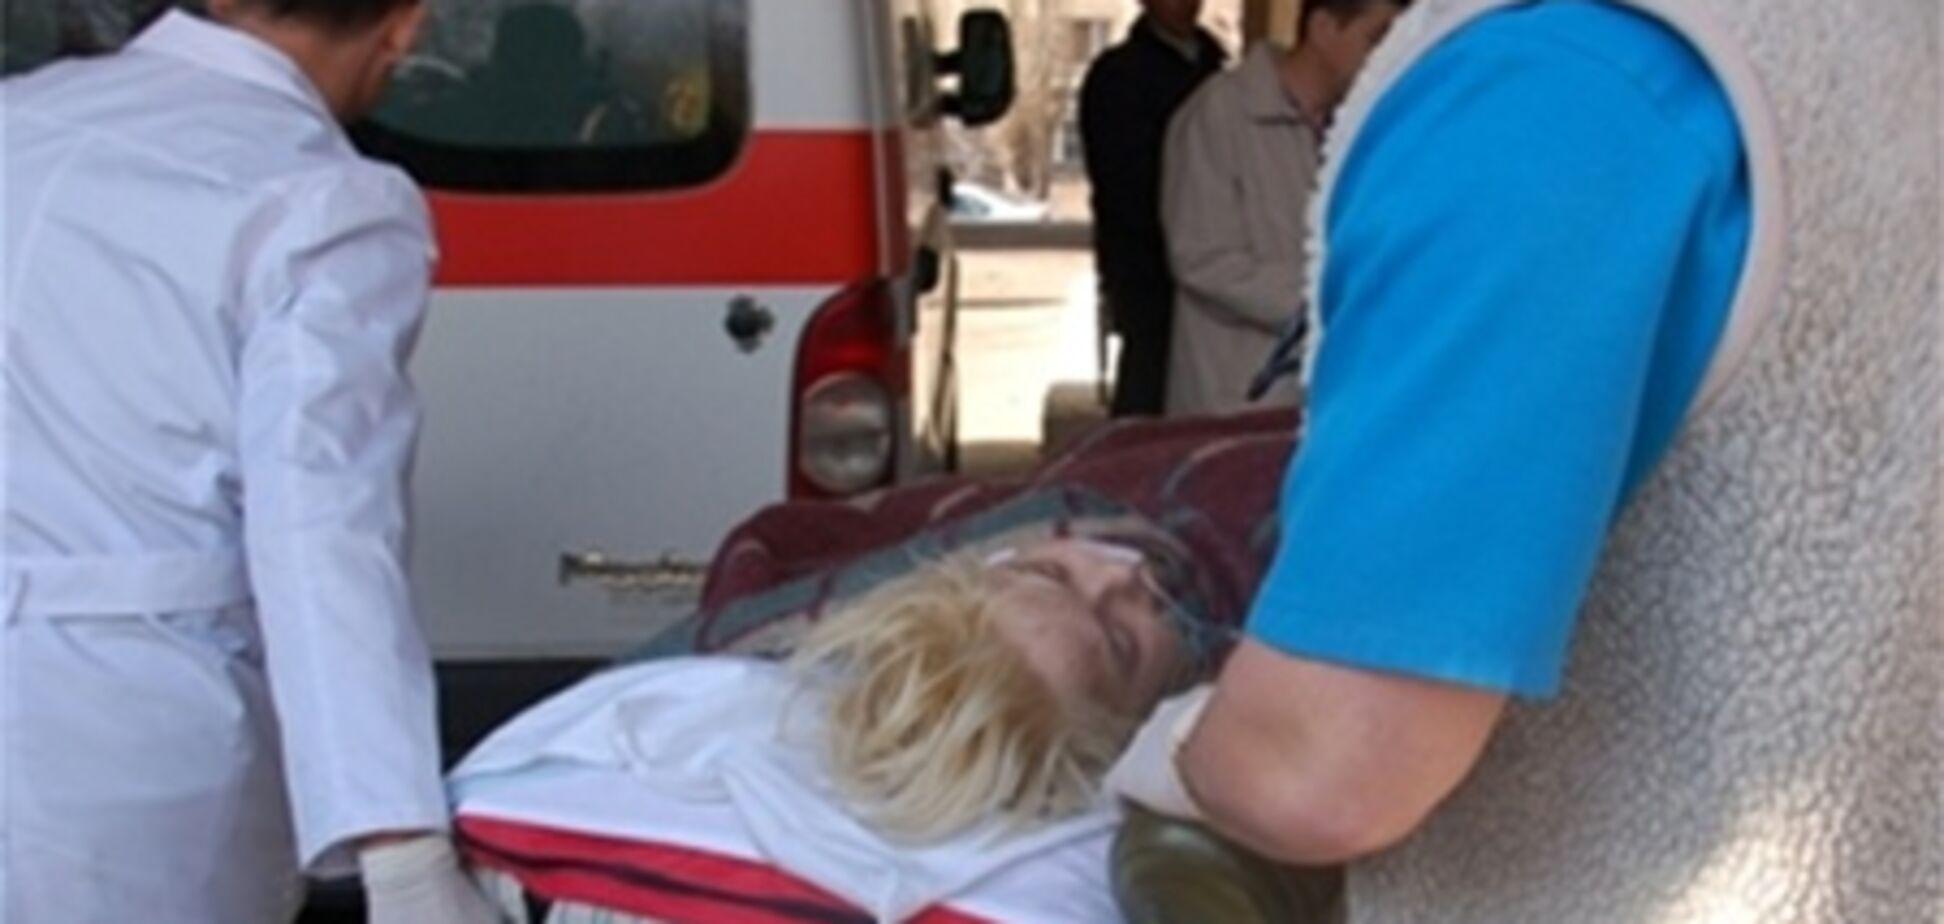 Оксане Макар сделали первую операцию по пересадке кожи